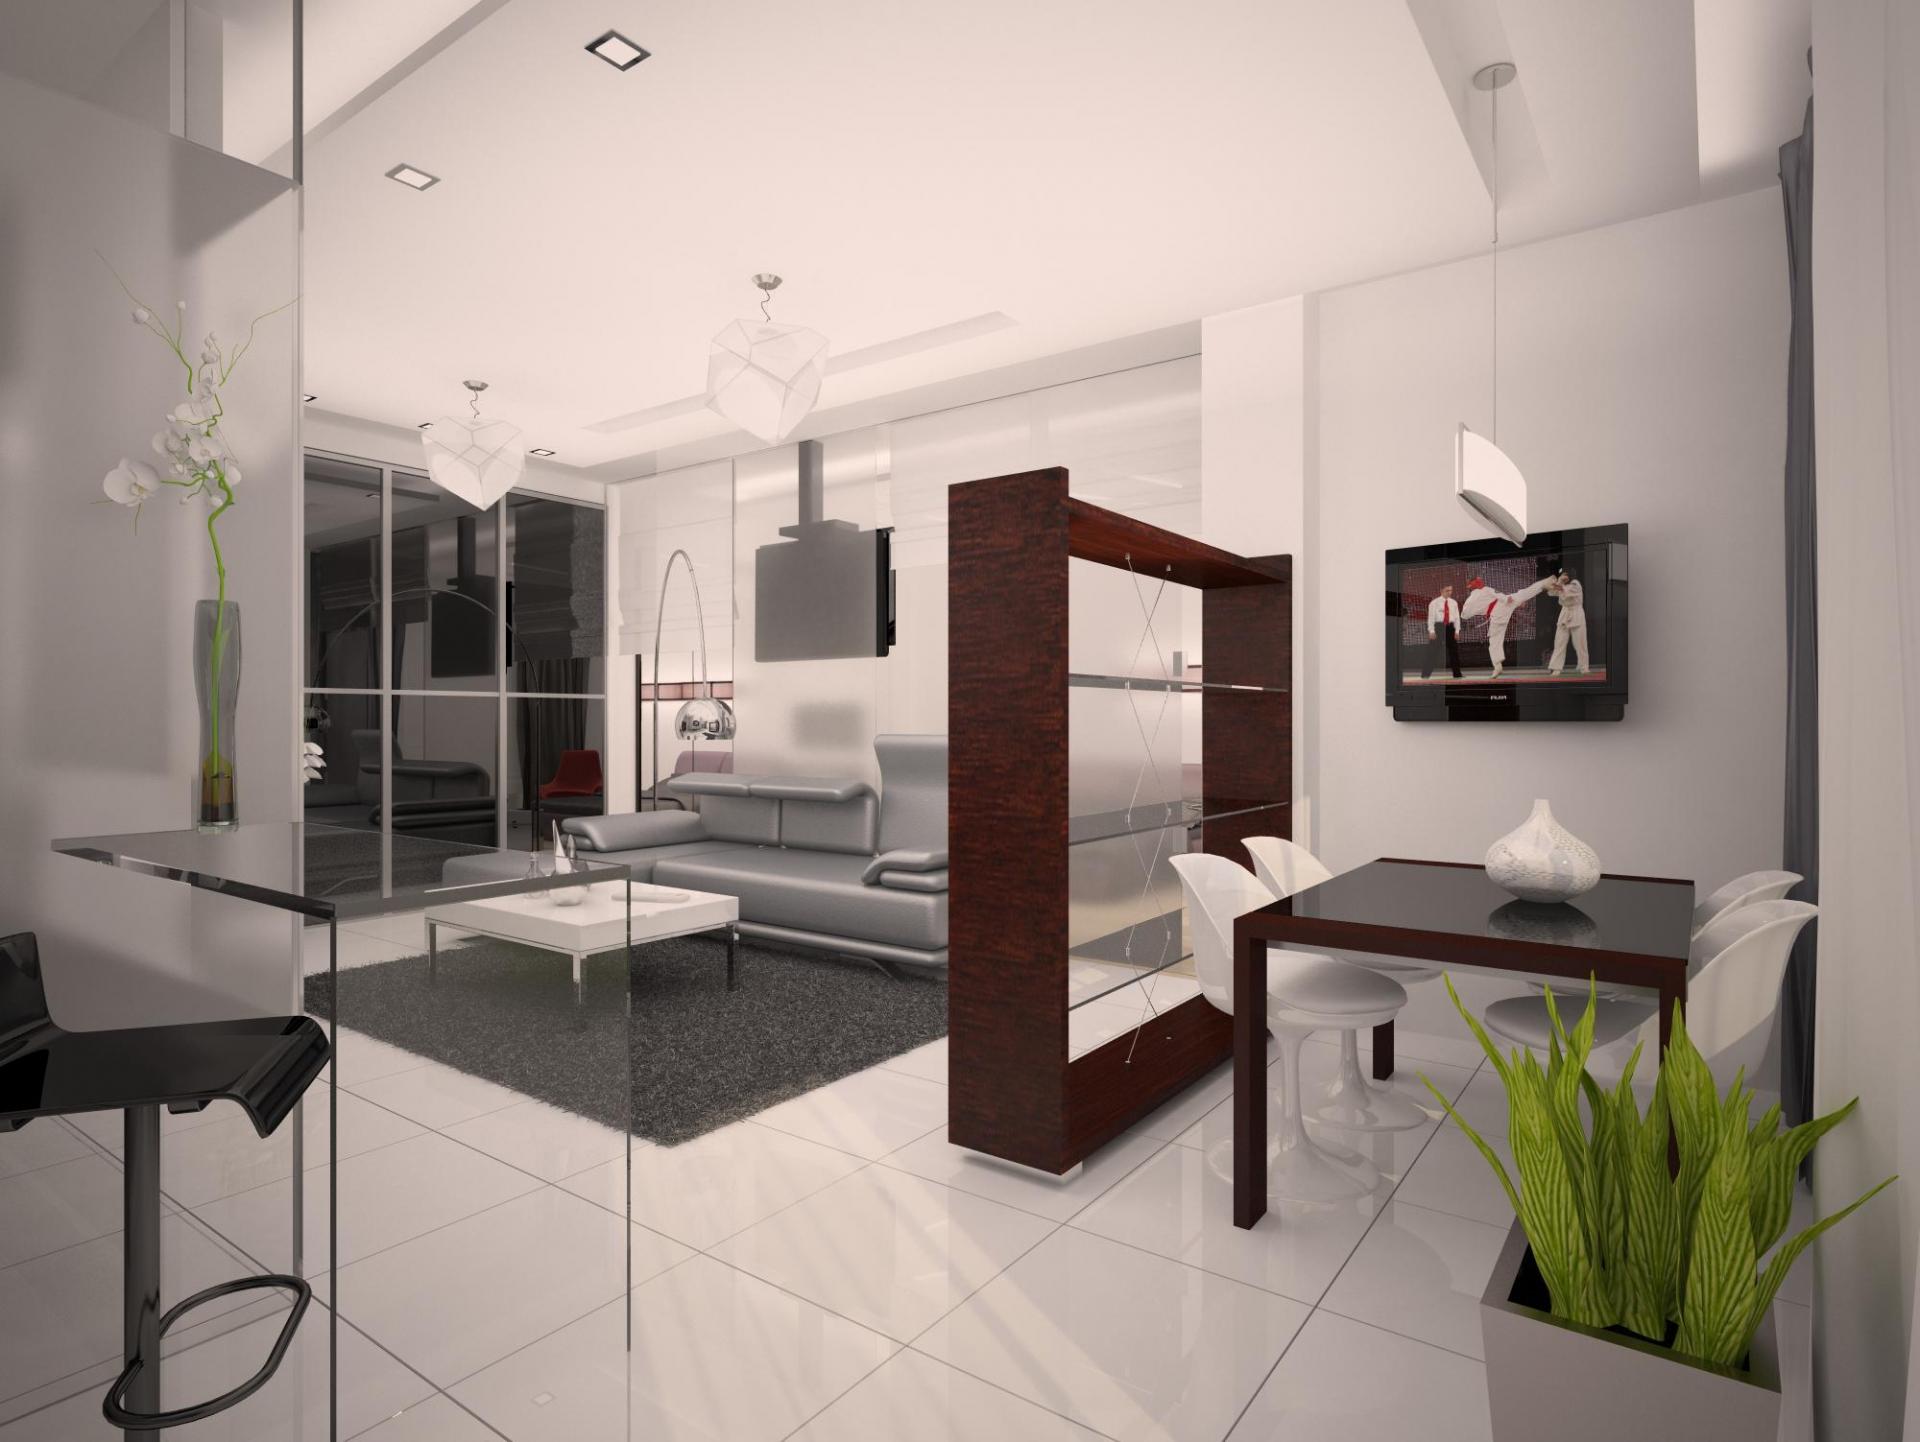 b img b575dcfb94de - Идеи для ремонта маленькой квартиры